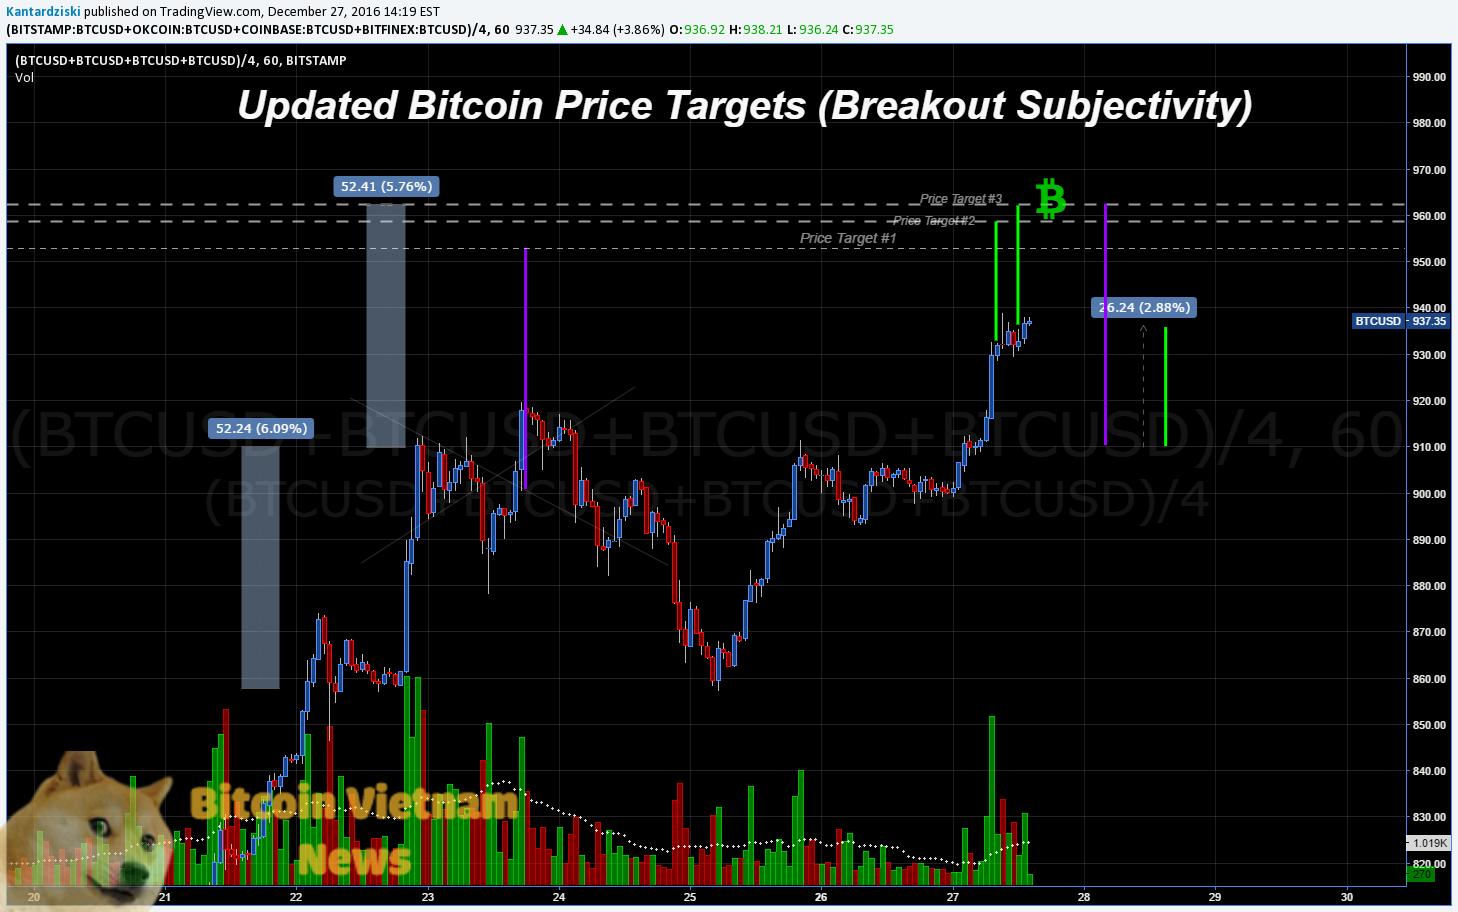 Bitcoin đã chạm ngưỡng hỗ trợ $860 và nhảy vọt lên mức giá $900